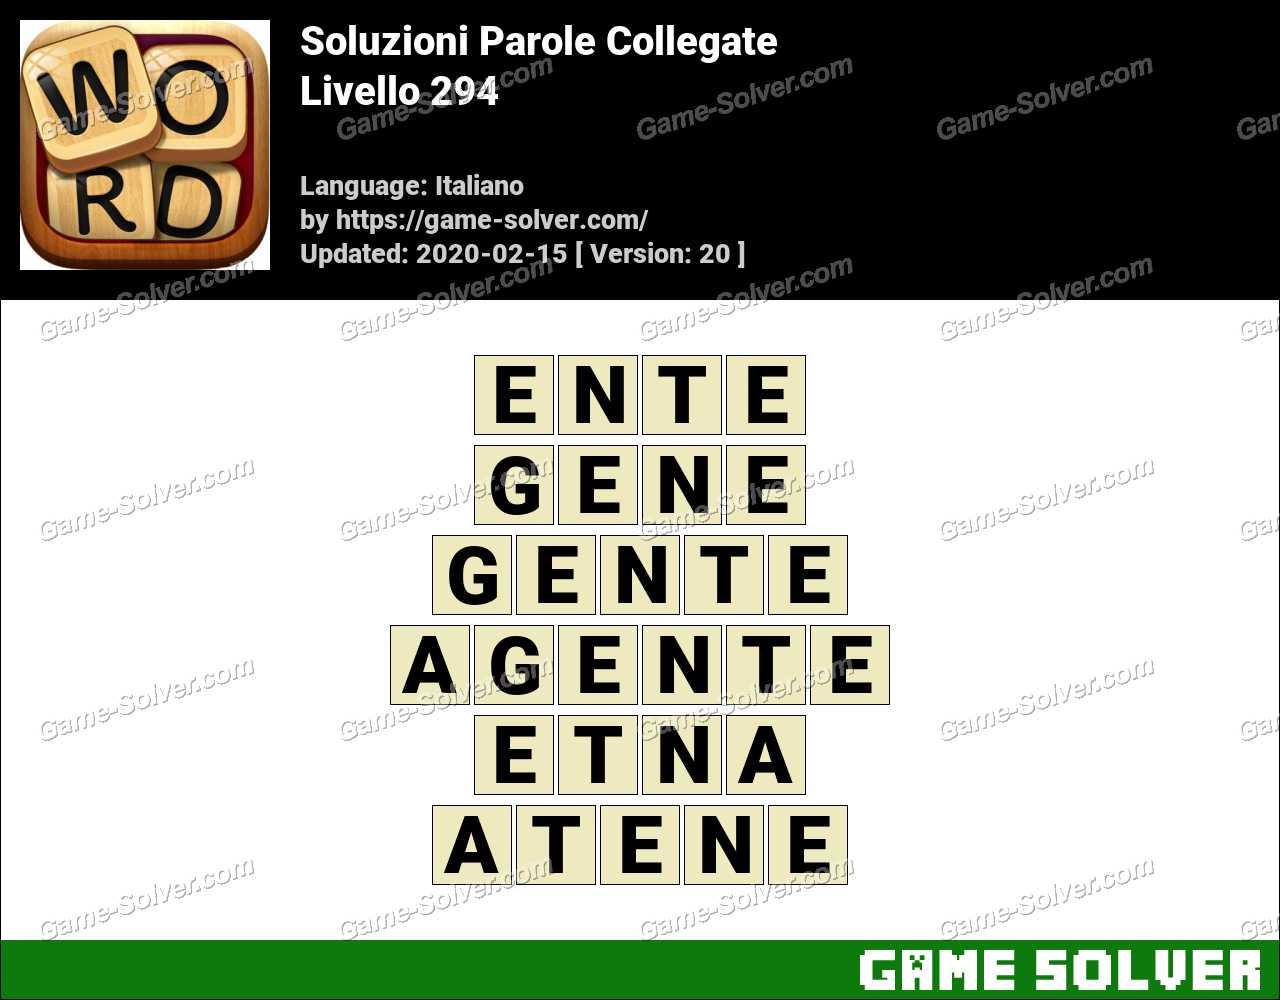 Soluzioni Parole Collegate Livello 294